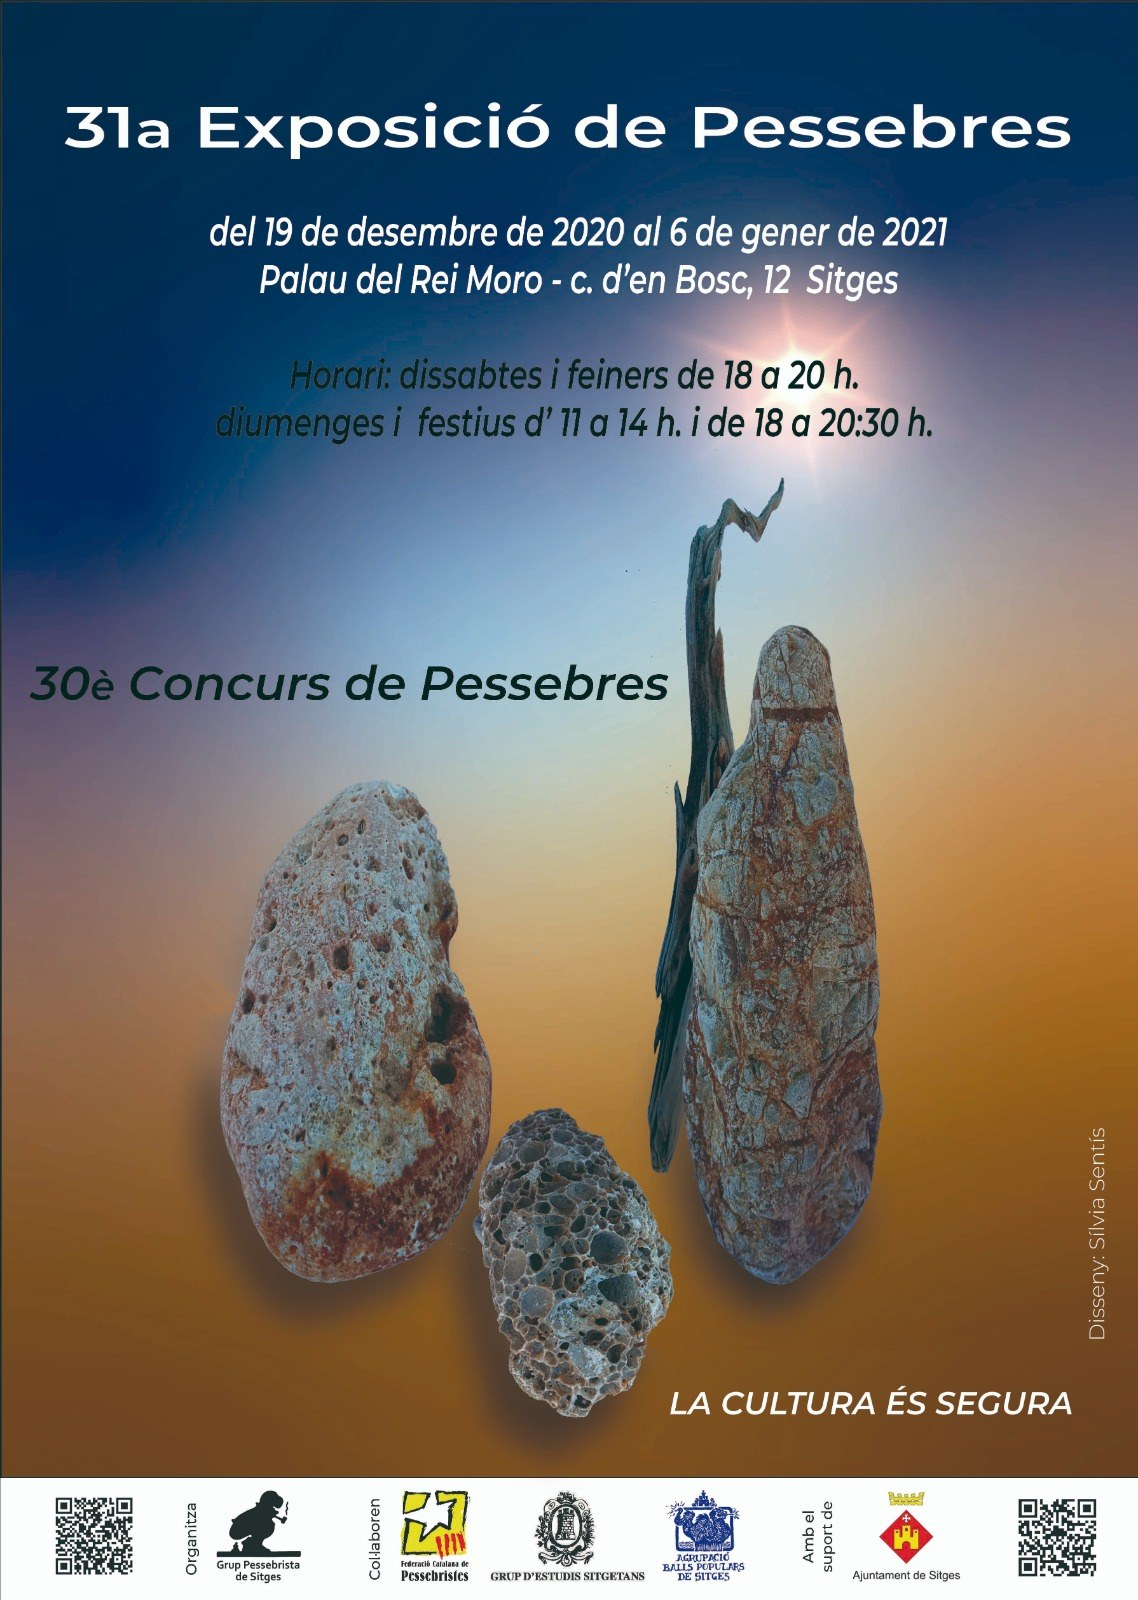 31a Exposició de diorames de pessebre al Palau del Rei Moro